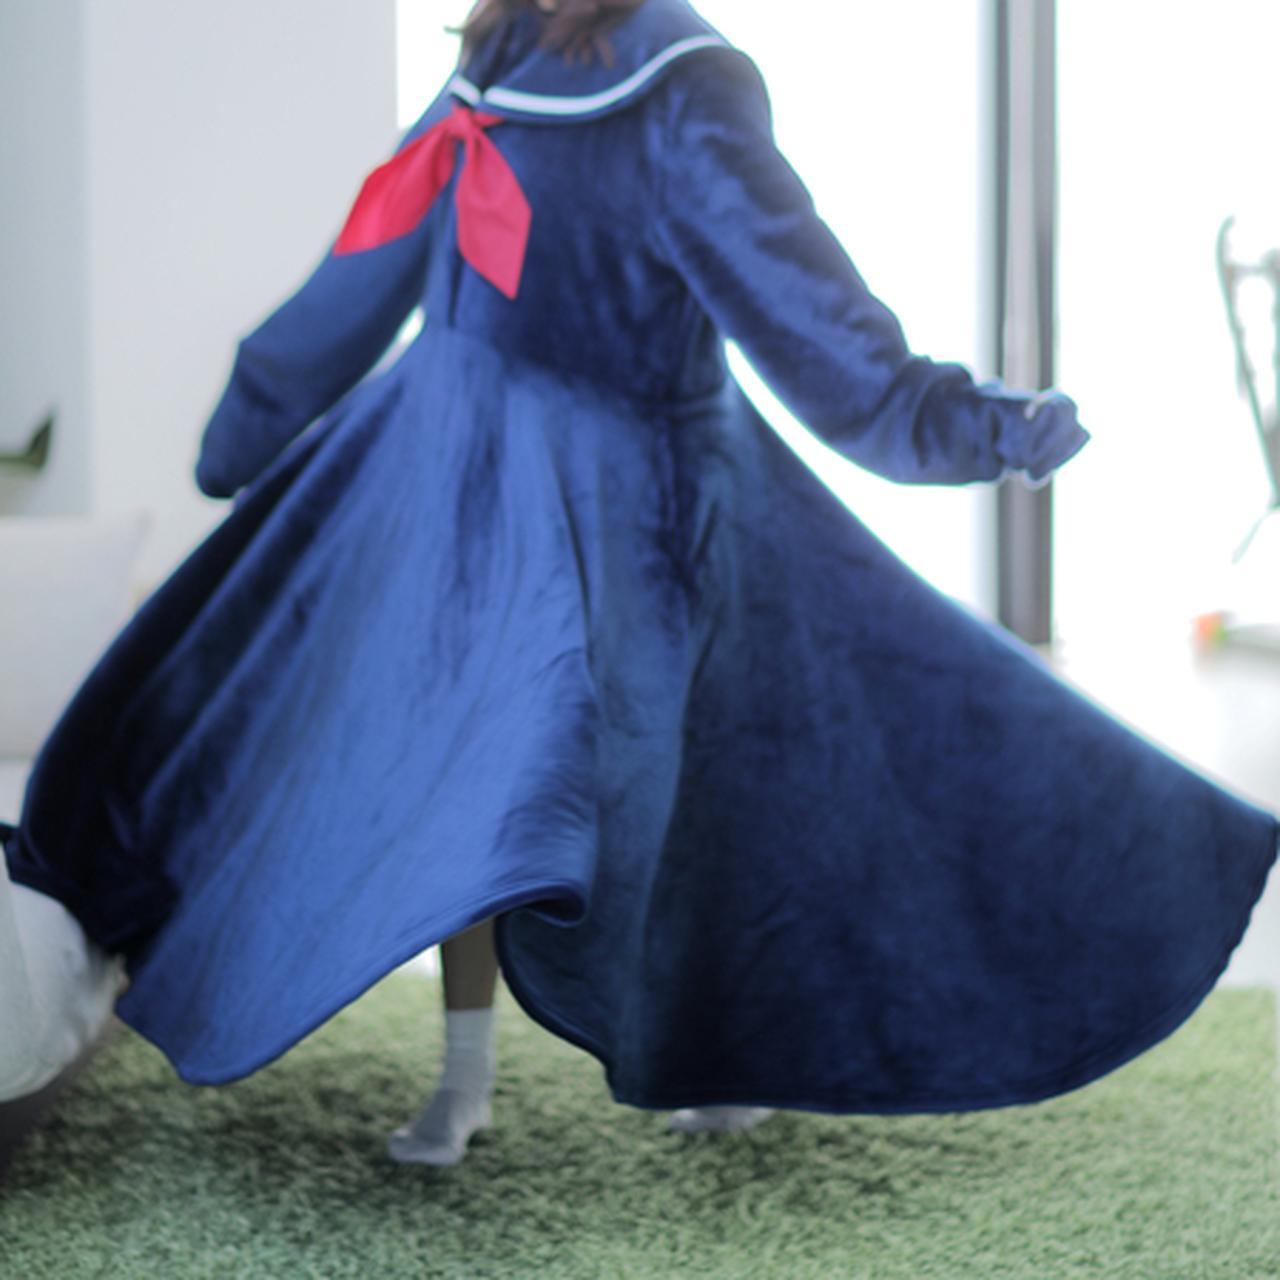 画像1: 「BIBI LAB(ビビラボ)」 www.bibilab.jp